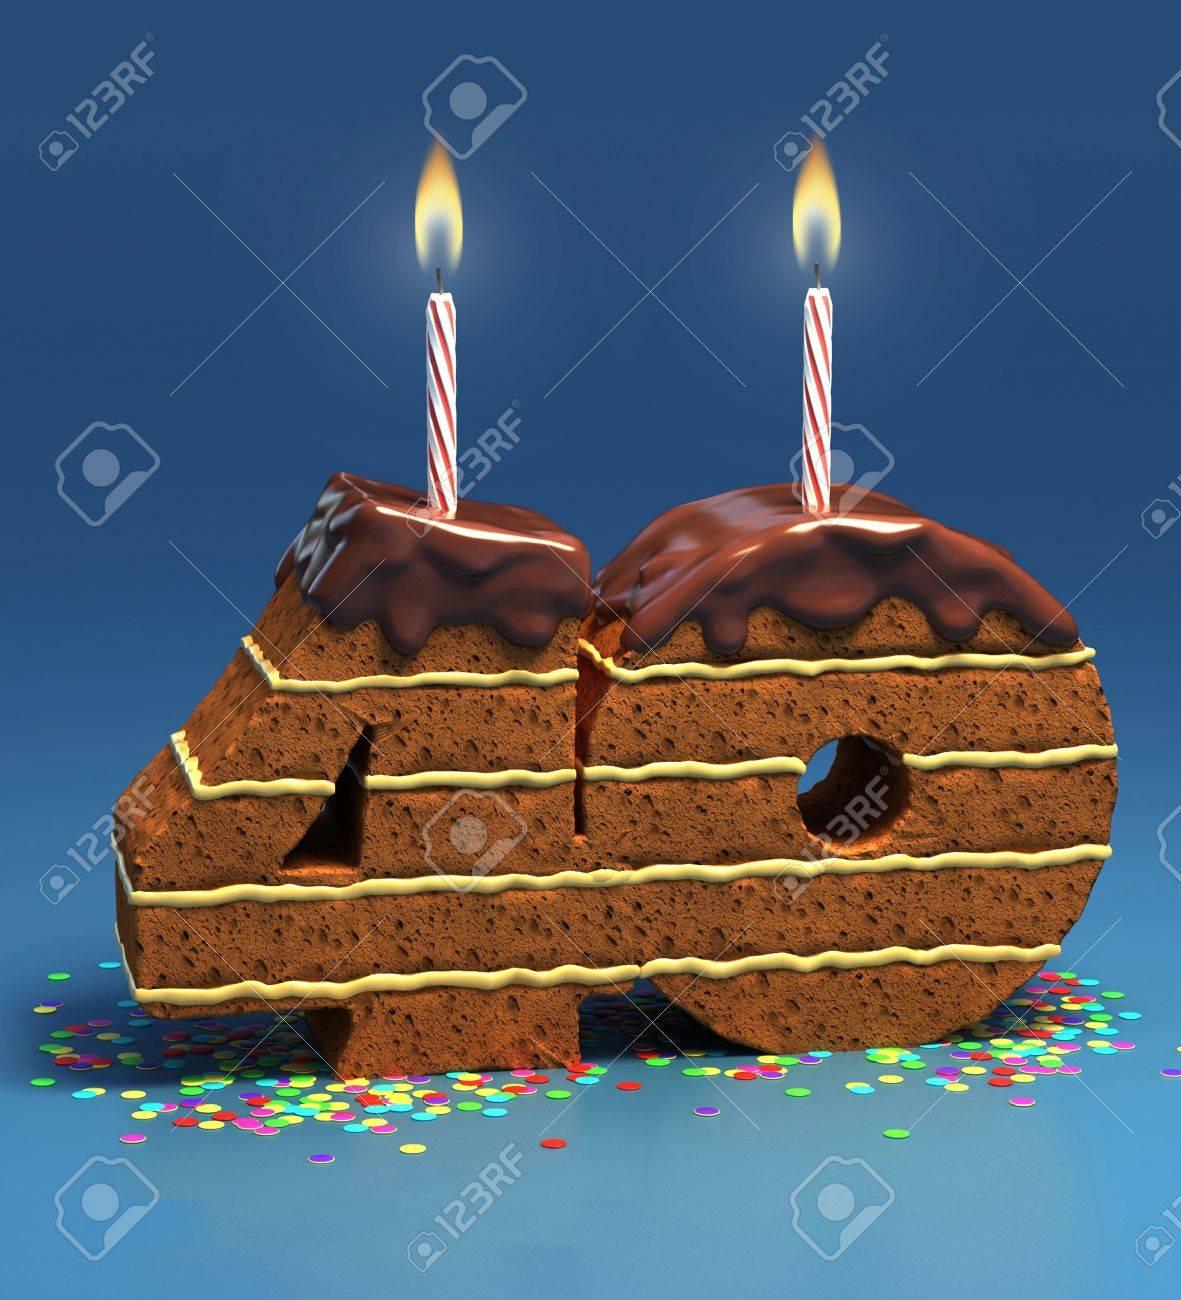 Chocolate Birthday Cake Von Konfetti Umgeben Mit Brennenden Kerze Fur Einen 40 Geburtstag Oder Jubilaum